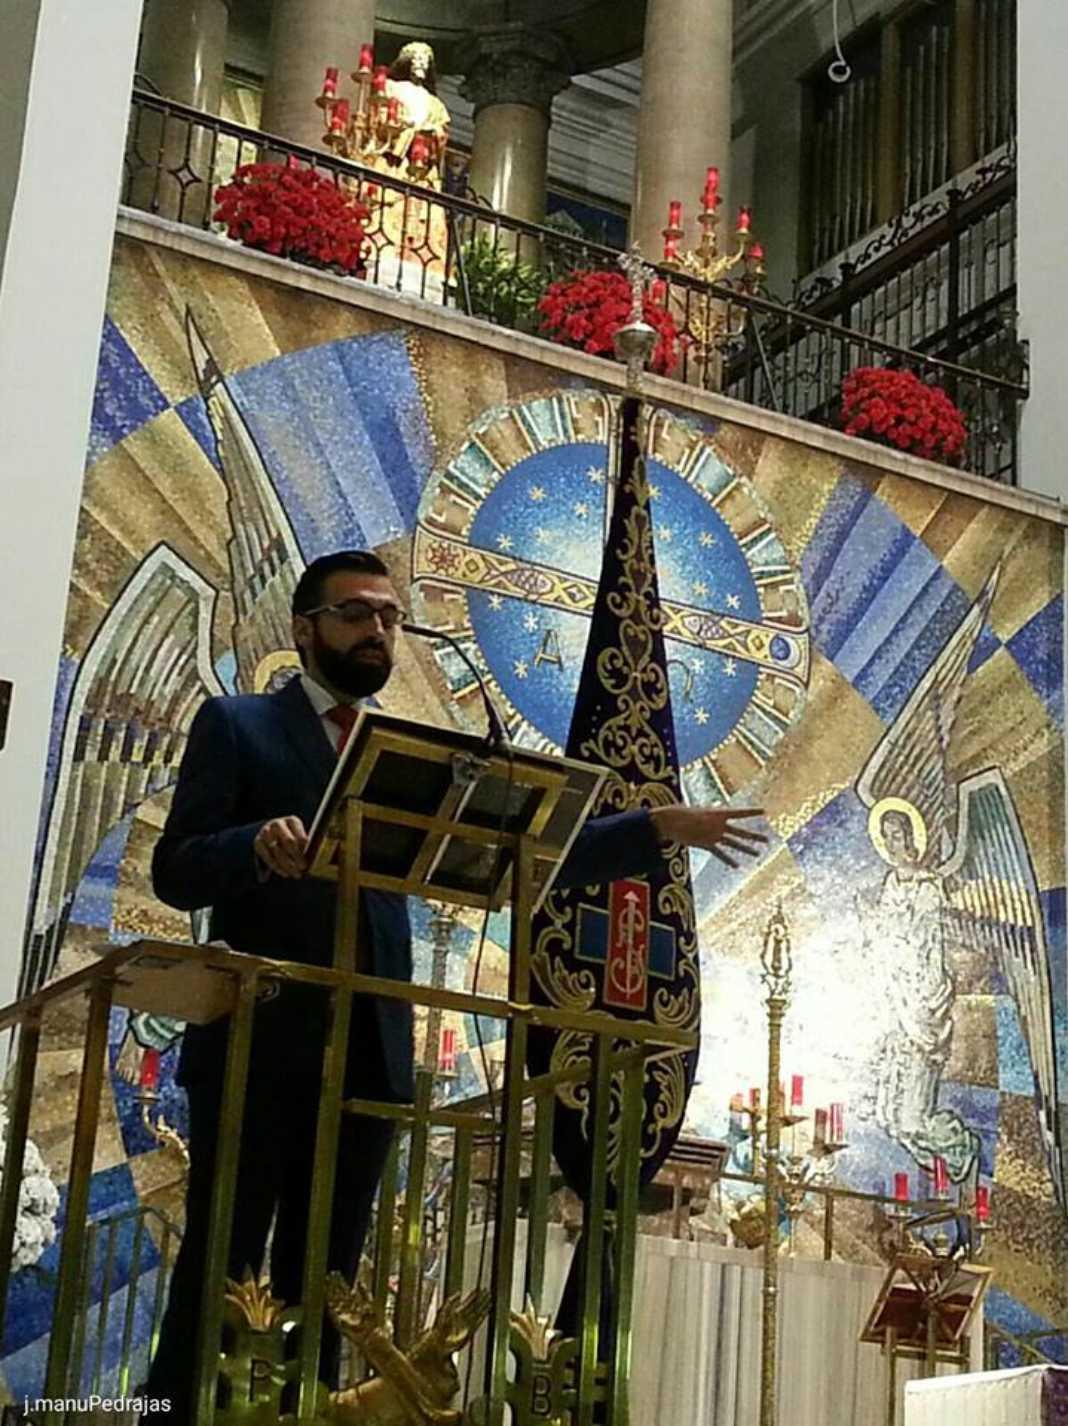 Antonio Martín Viveros pregonero 1068x1426 - Antonio Martín-Viveros será el pregonero de Virgen de la Cabeza de Madrid